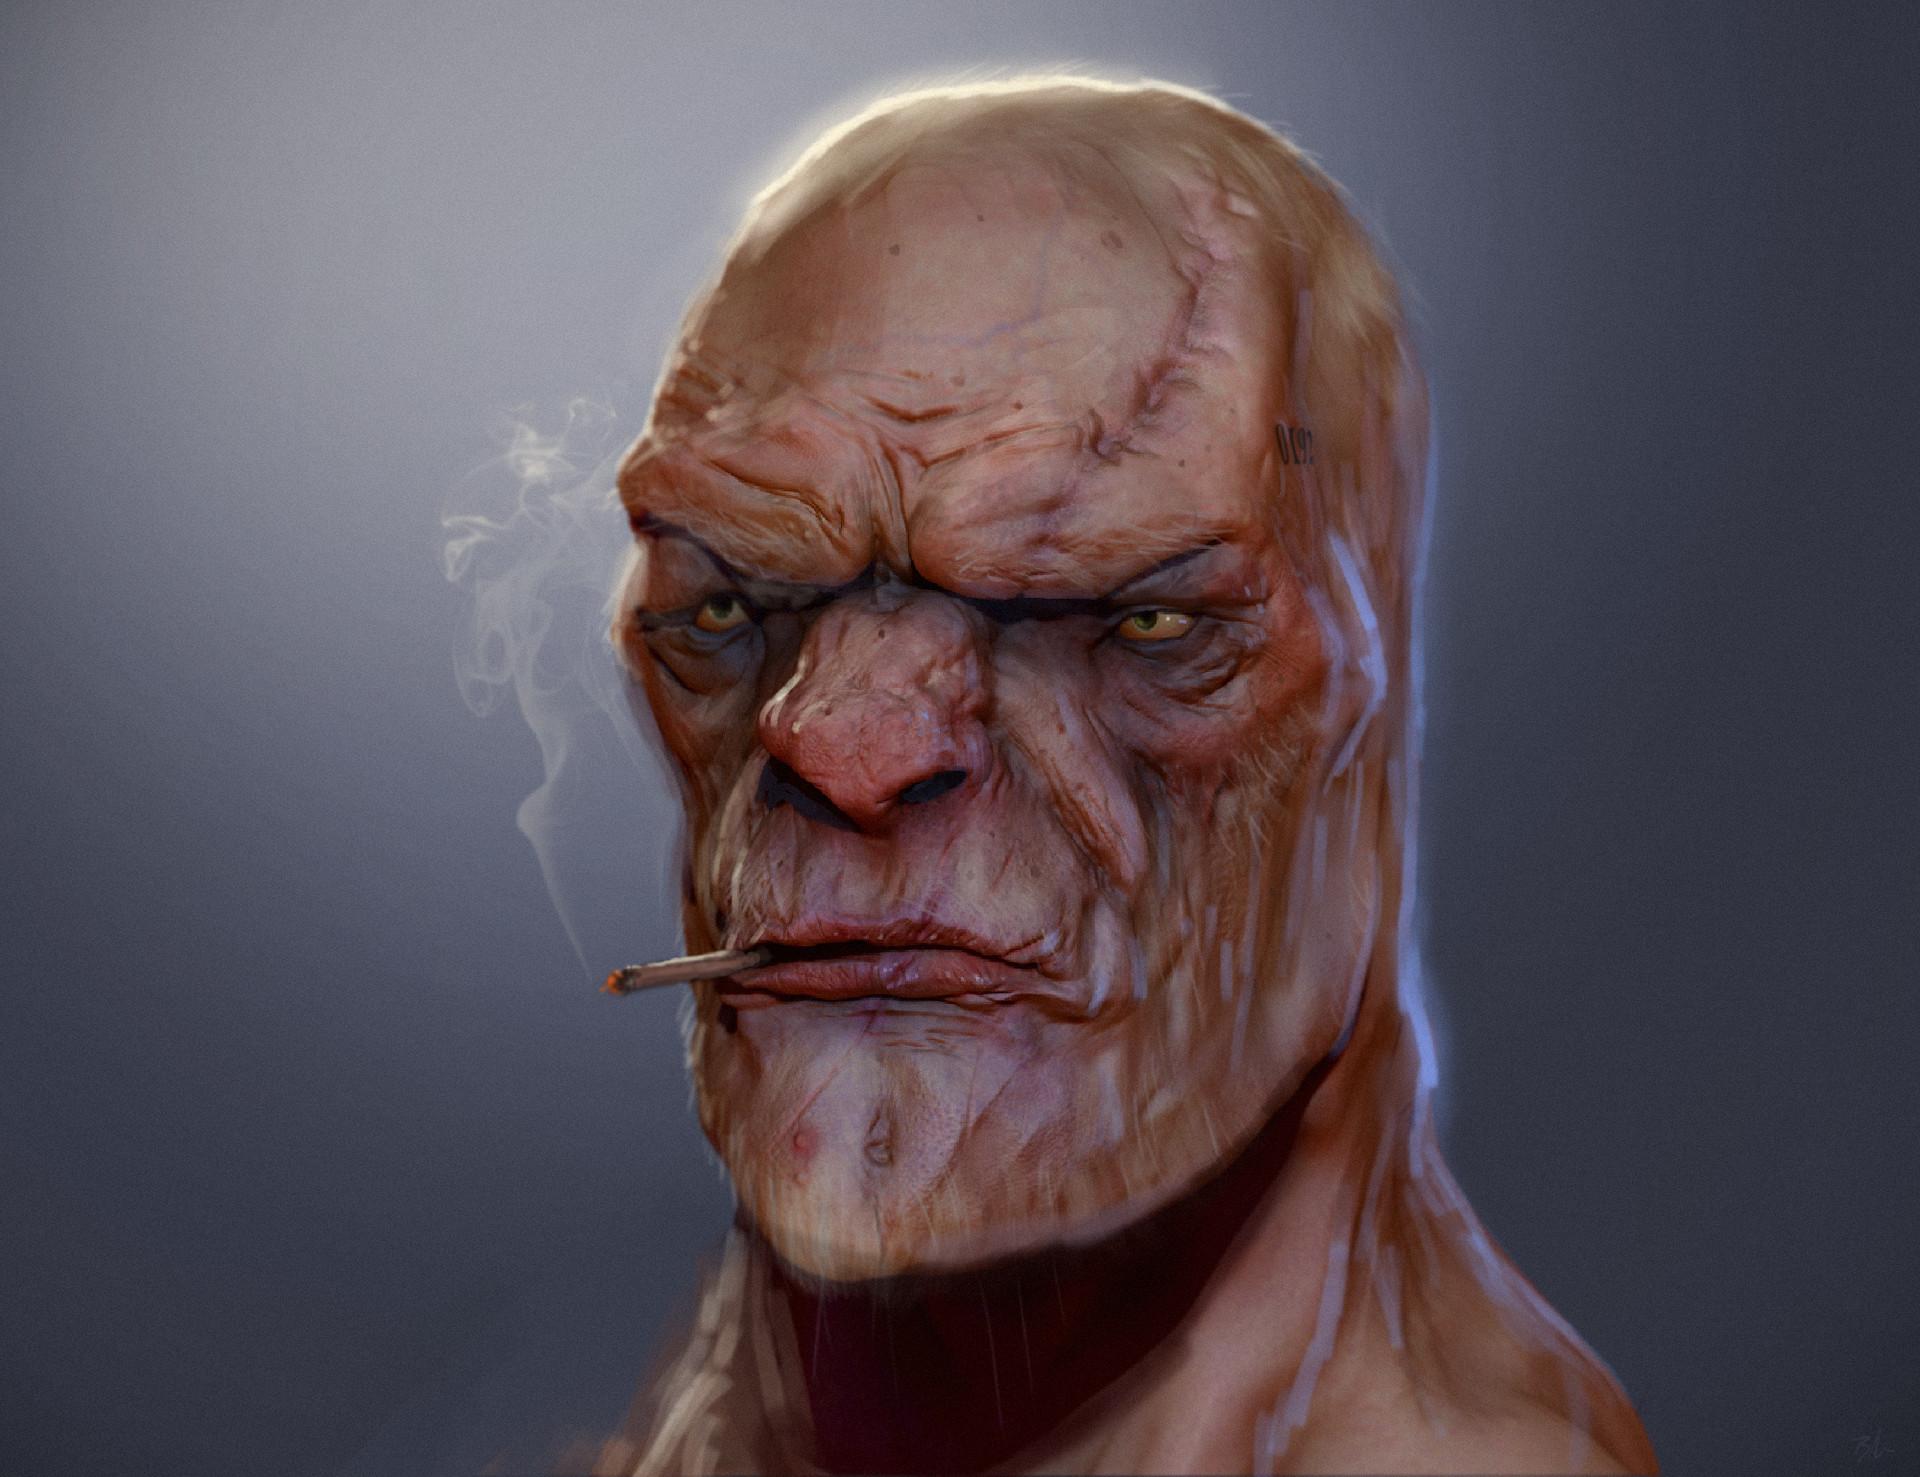 Brent minehan ugly